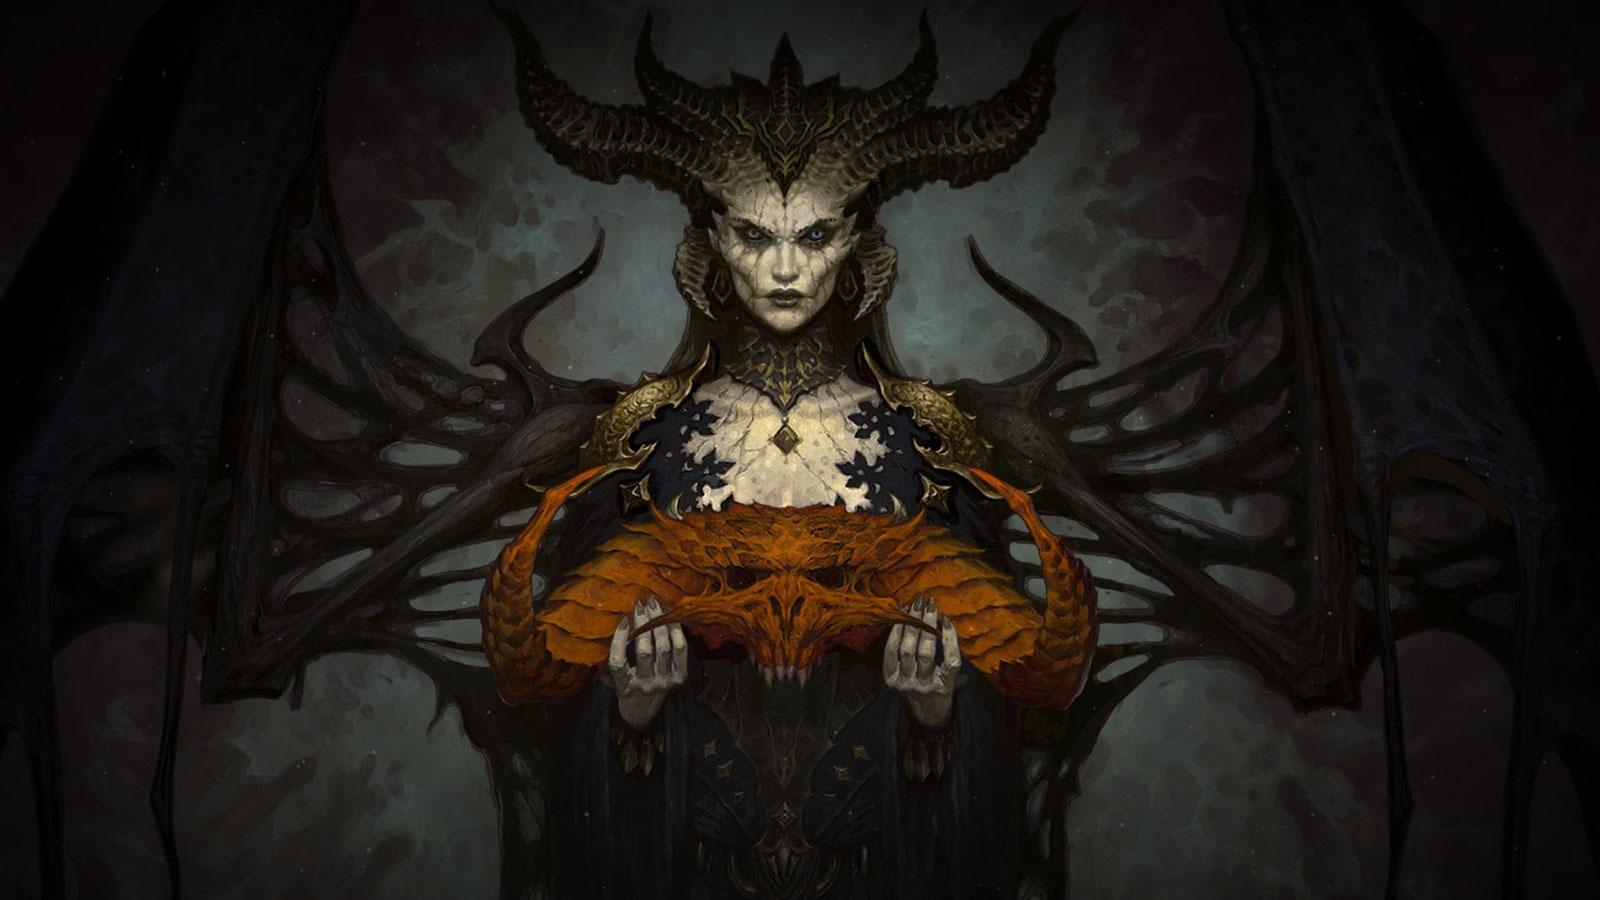 Free Diablo IV Wallpaper in 1600x900